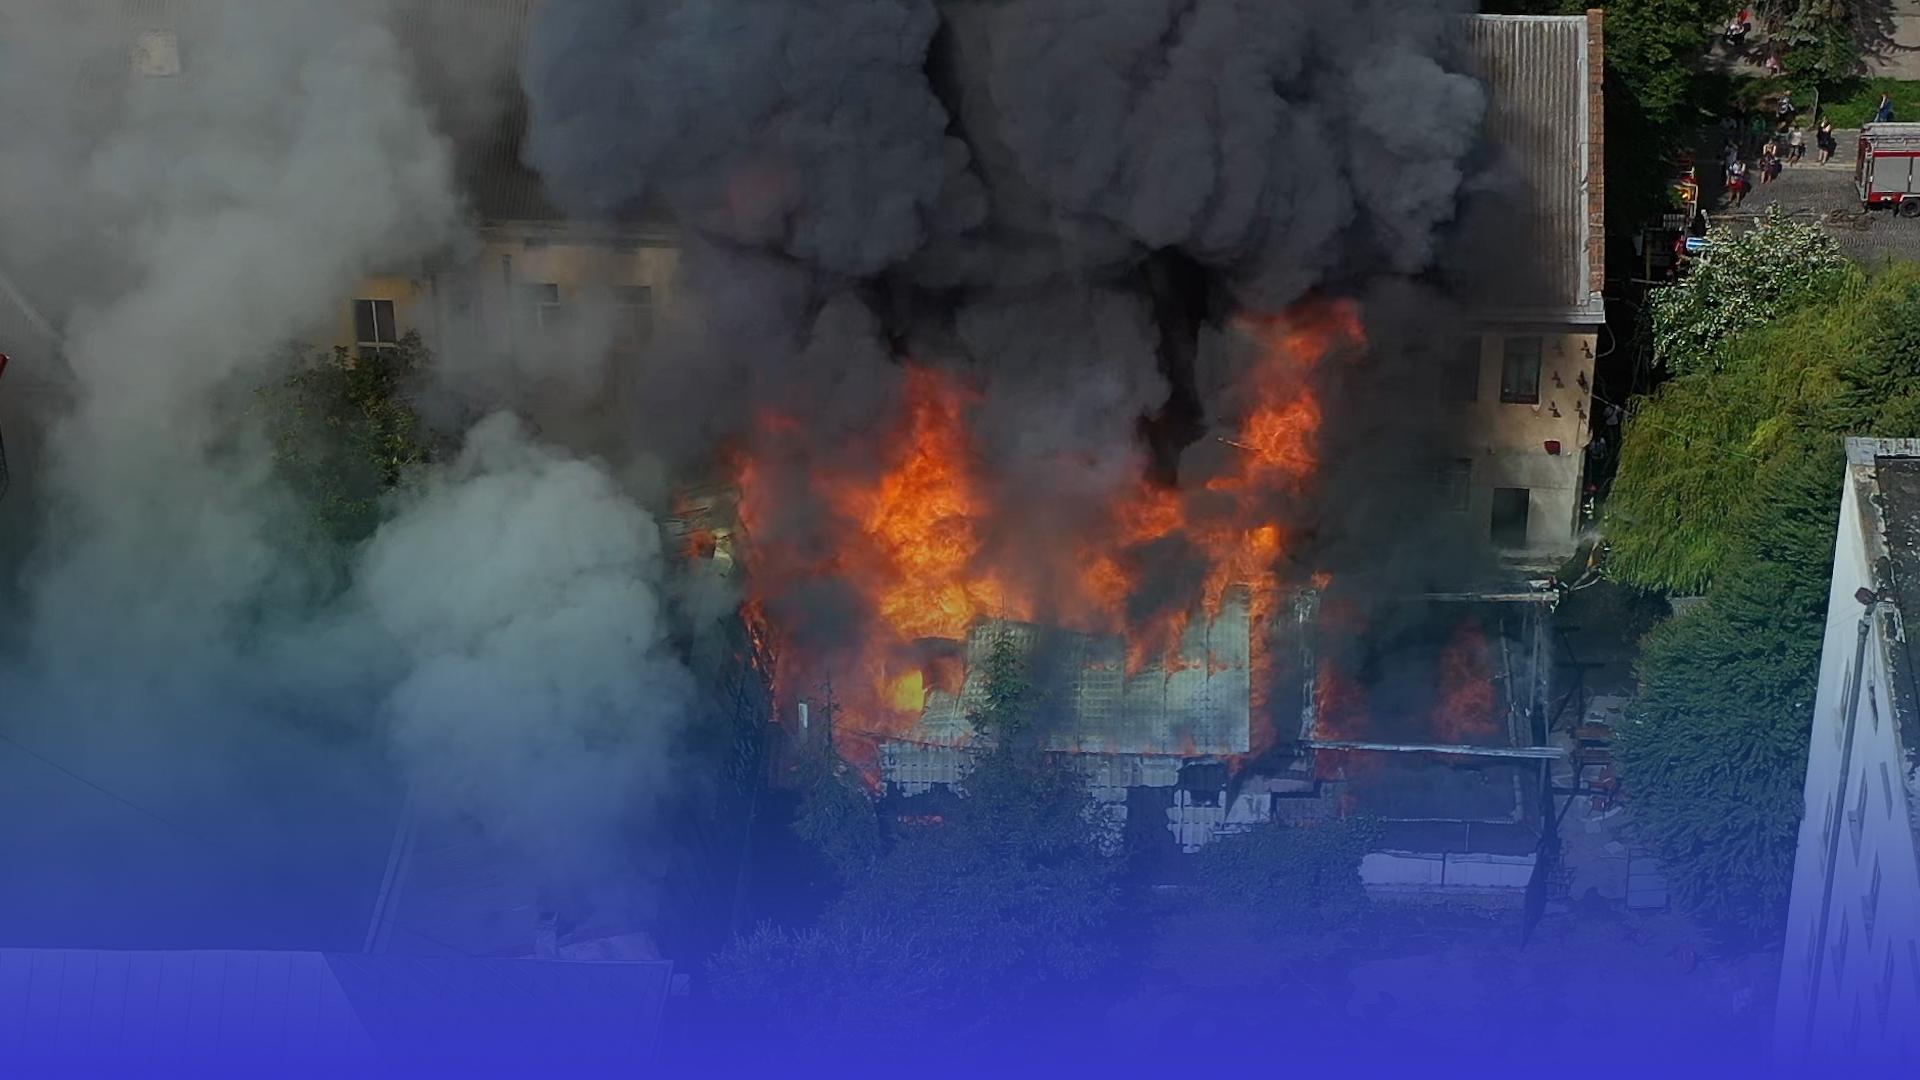 Дерев'яний ресторан згорів повністю: деталі пожежі на бульварі Т. Шевченка